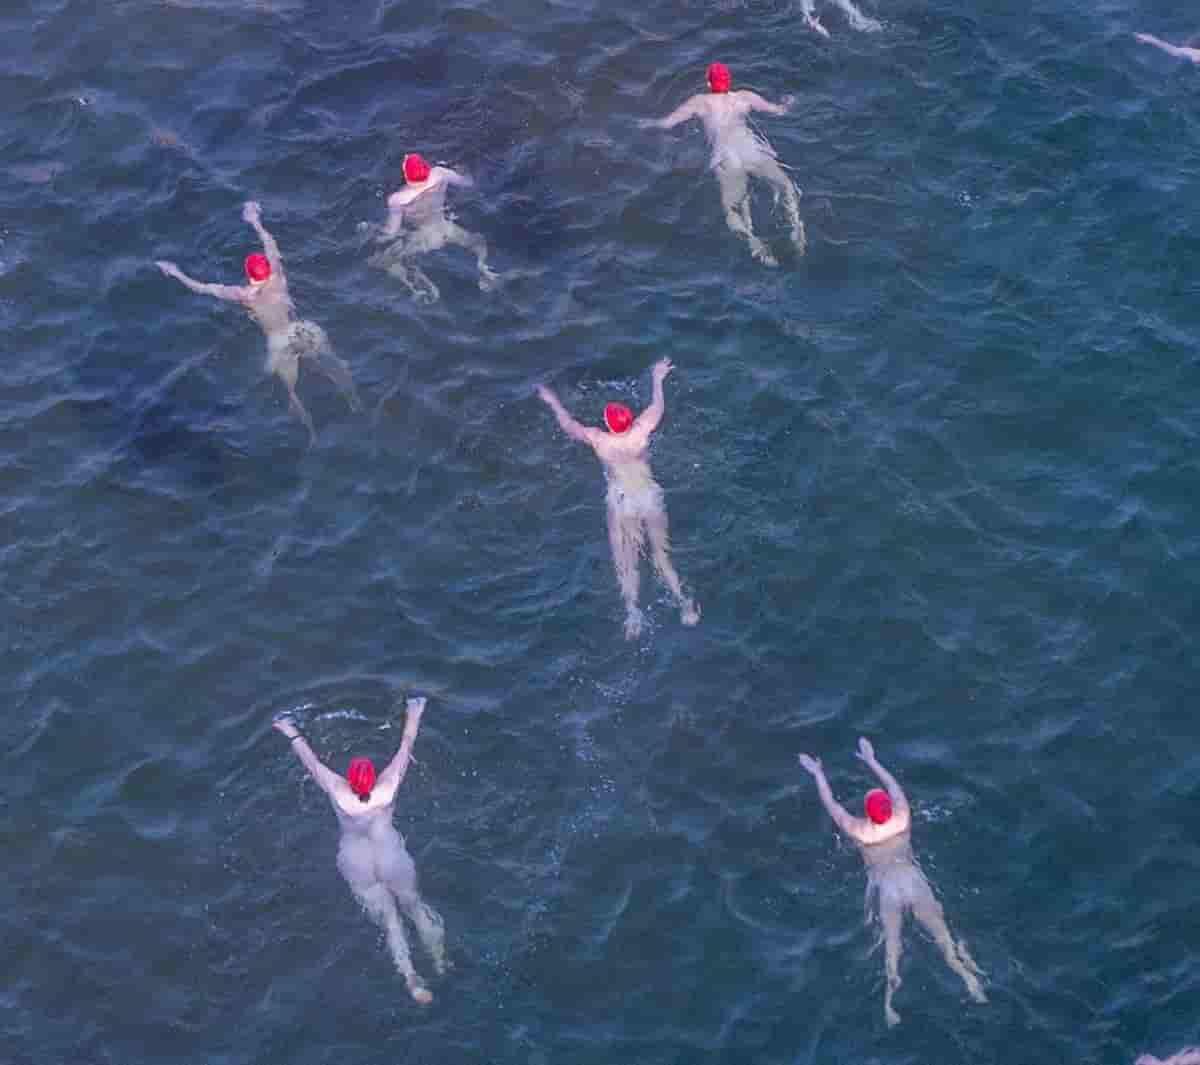 Nuotano nell'acqua a 3 gradi per il solstizio in Australia e contro la follia che ci circonda: il rifiuto delle mascherine, bassa e incosciente demagogia di Salvini; i rischi dei poliziotti che ci vogliono proteggere, gli assurdi della legge Zan e le sollevatrici di pesi furiose per la concorrente che era uomo fino a 8 anni fa